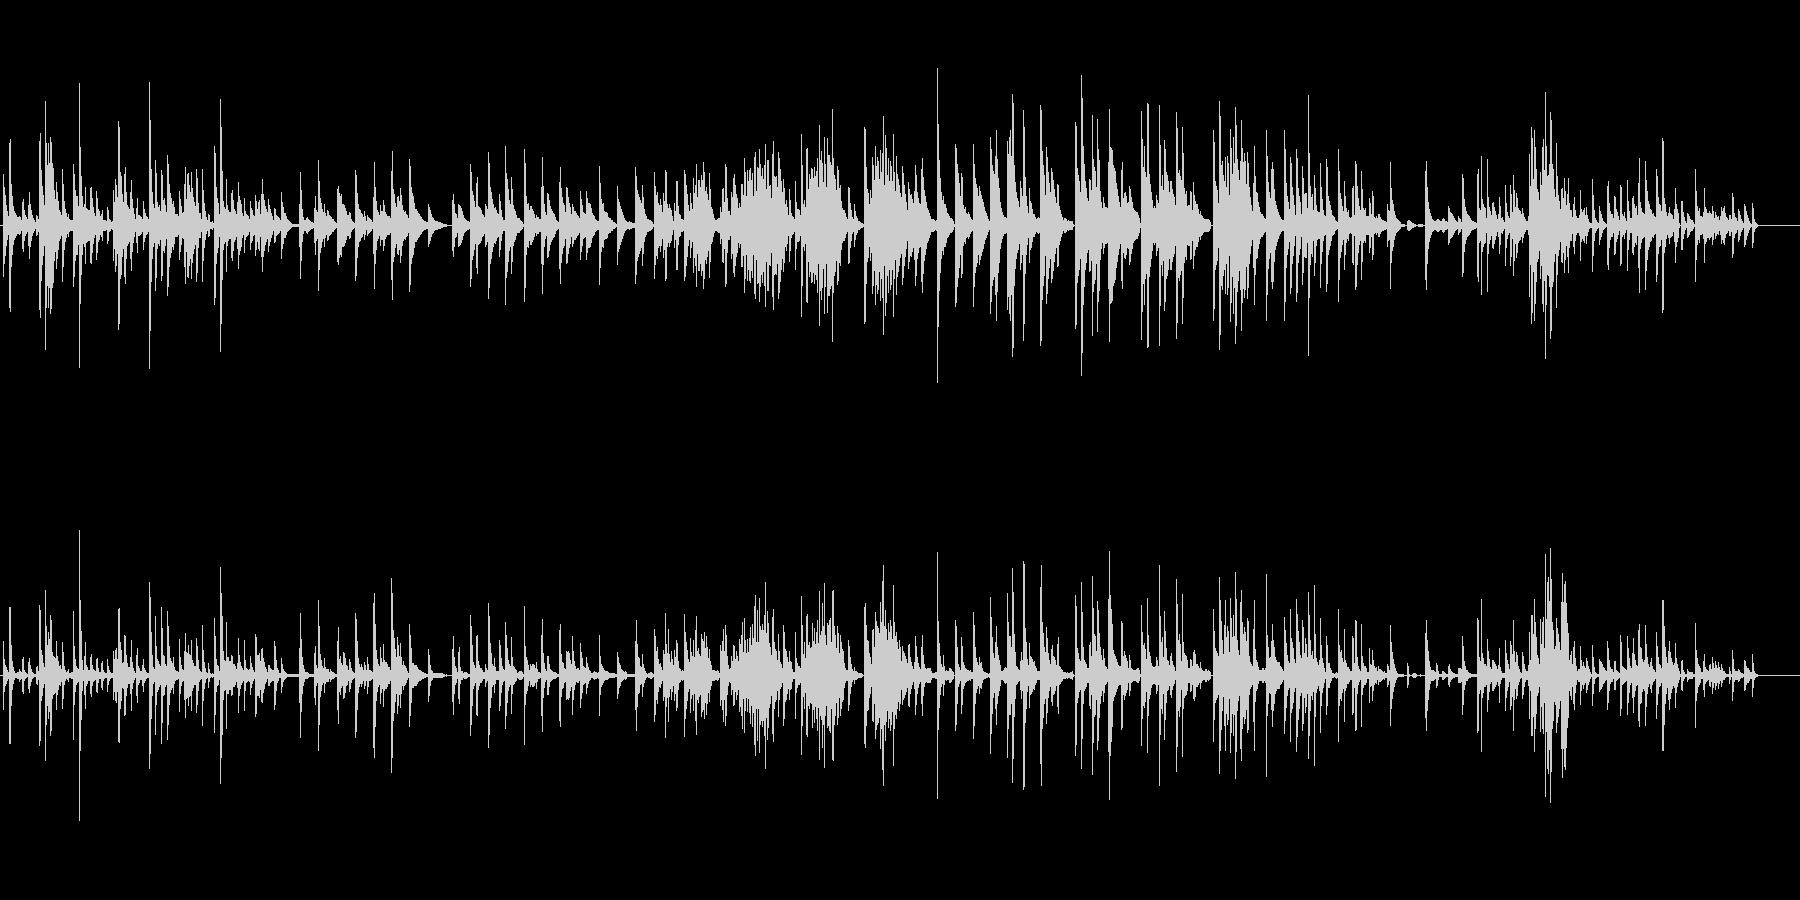 生ピアノソロ・漂う海月(ソフトピアノ)の未再生の波形